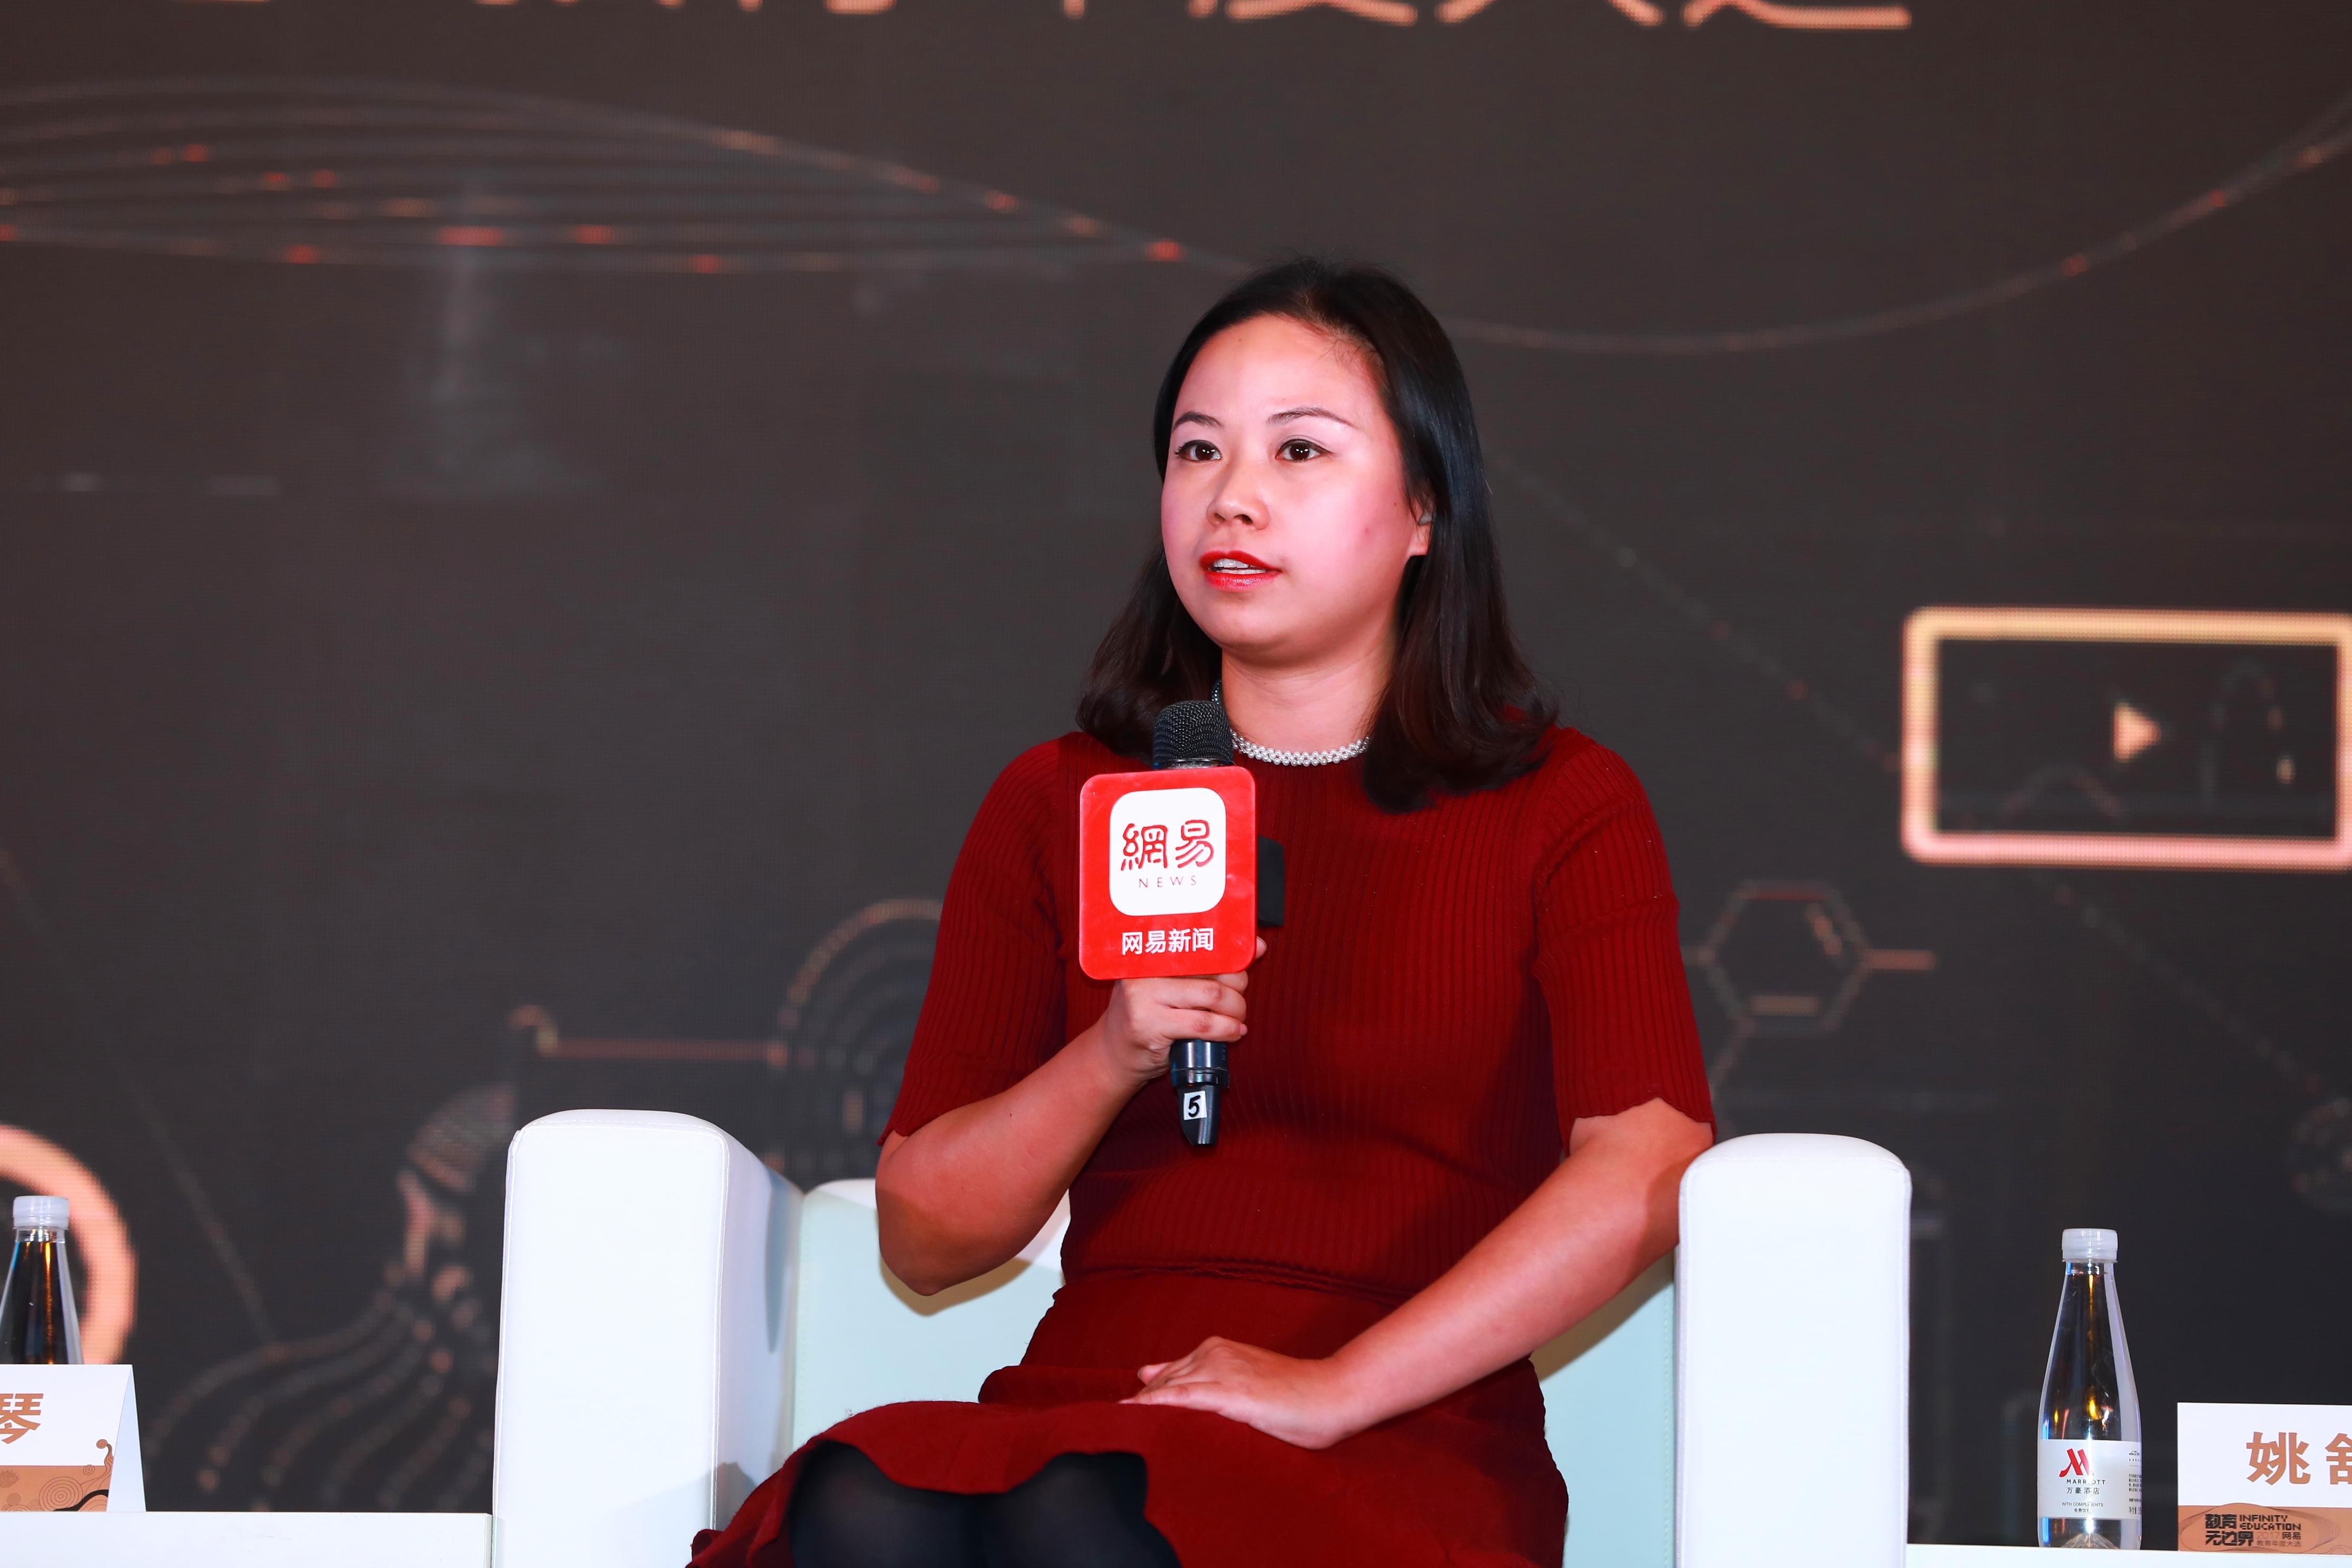 新东方教育科技集团副总裁、迈格森国际教育总裁 谢琴女士